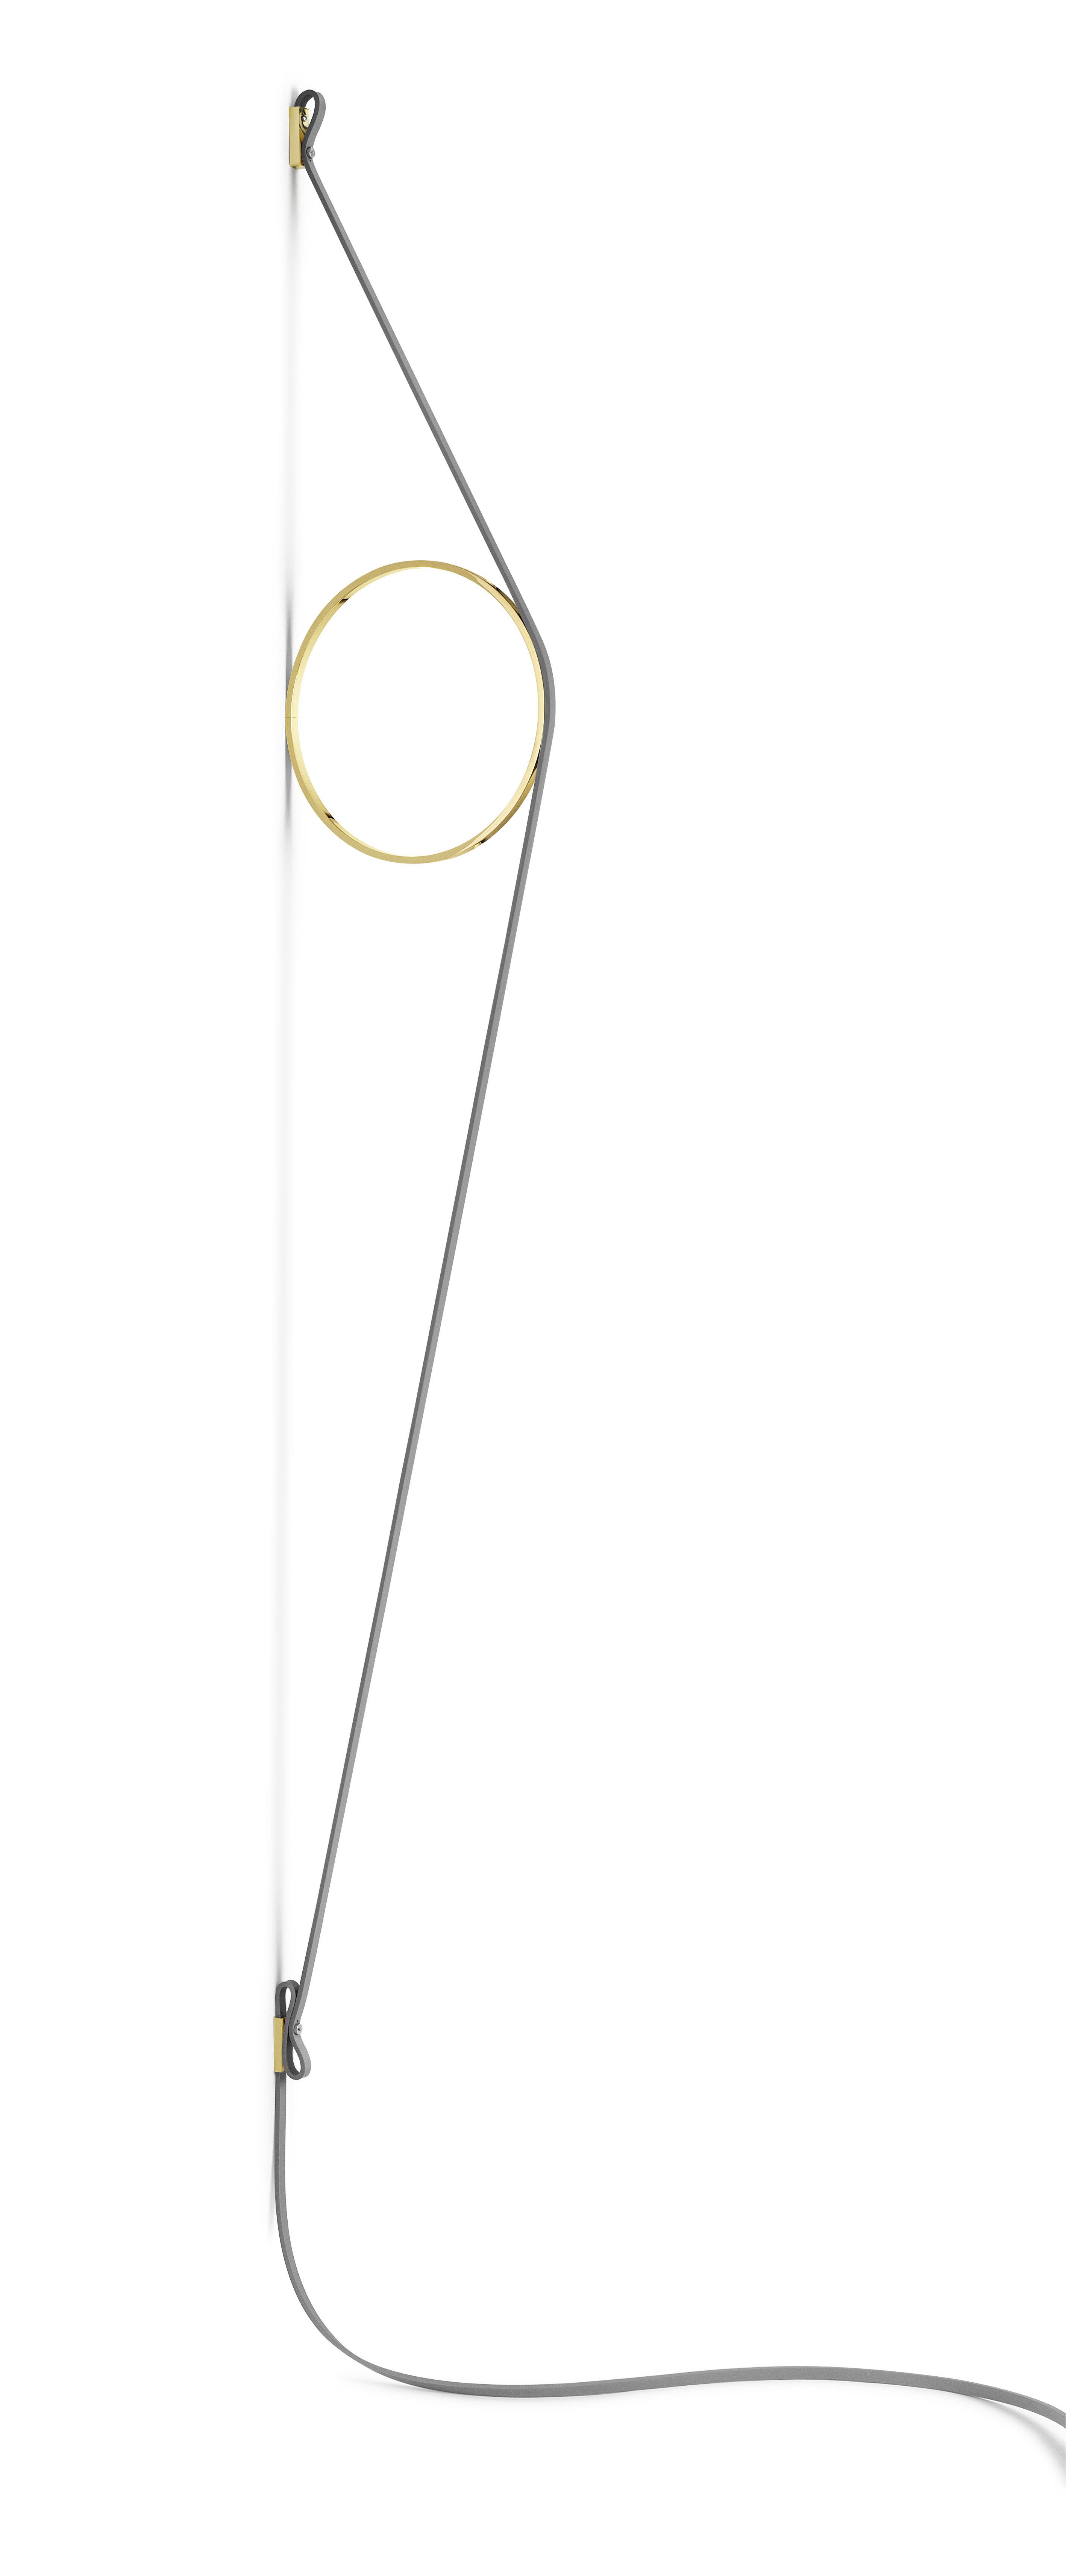 Leuchten - Wandleuchten - Wirering Wandleuchte / LED - H 208 cm - Flos - Kabel grau / Ring goldfarben - Aluminium, Kautschuk